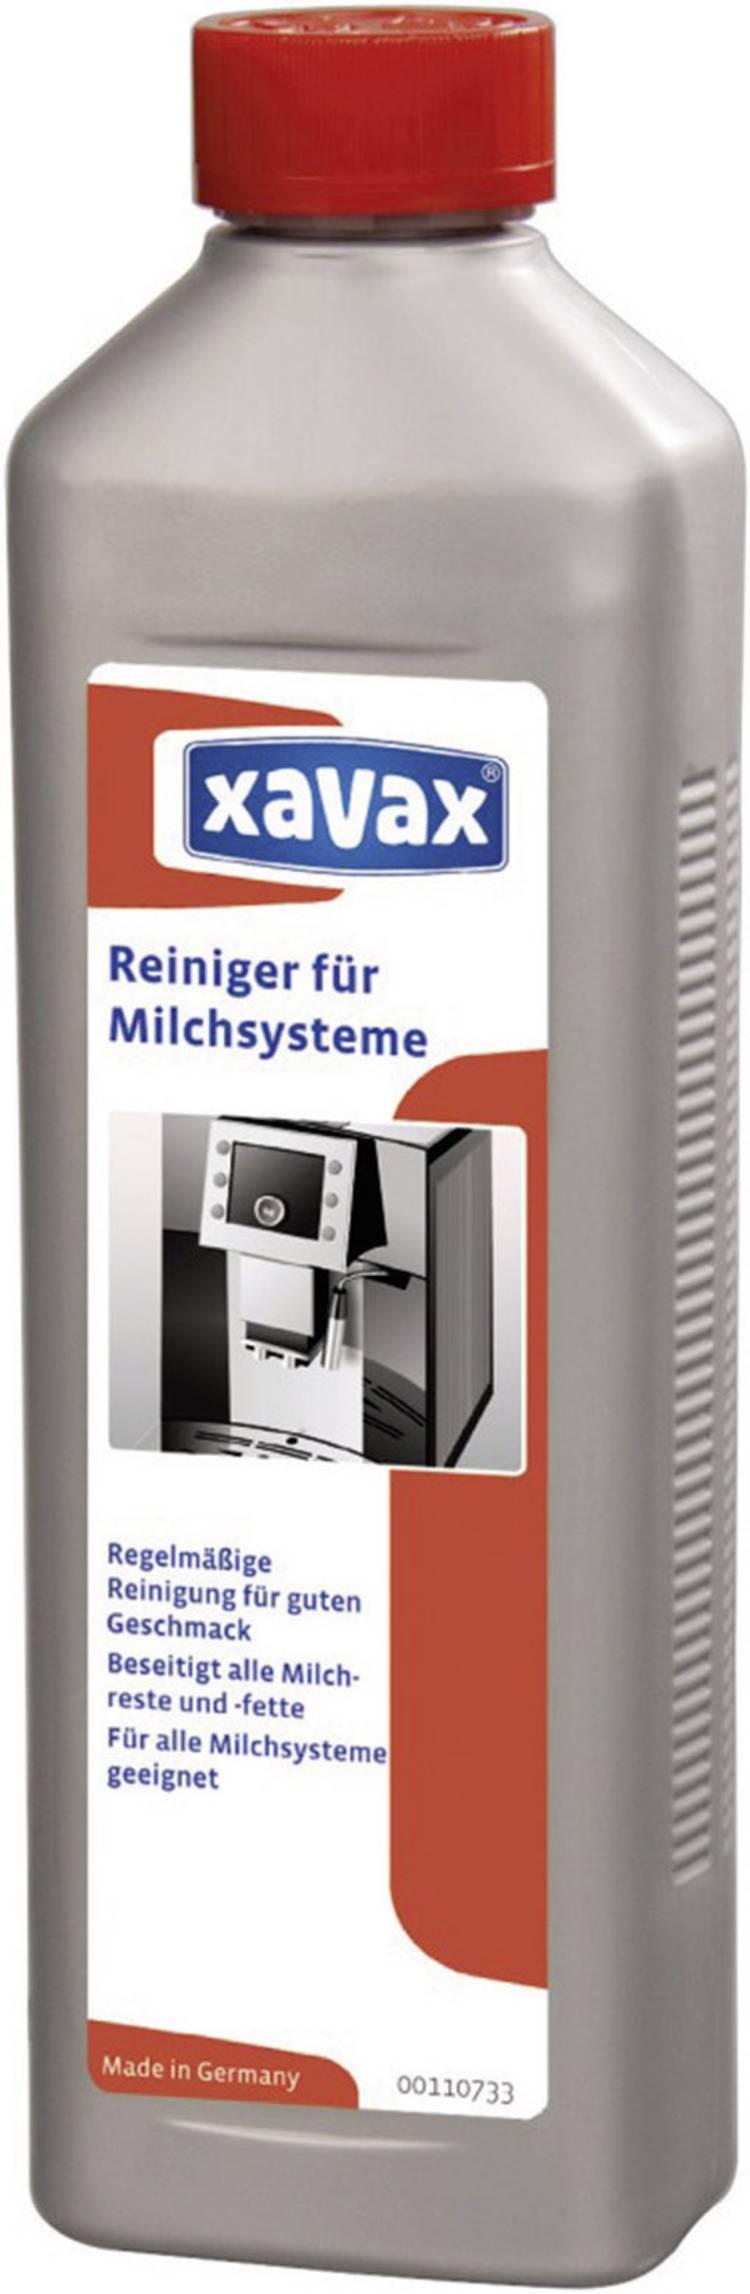 Xavax Reiniger fur Milchsysteme 00110733 500 ml